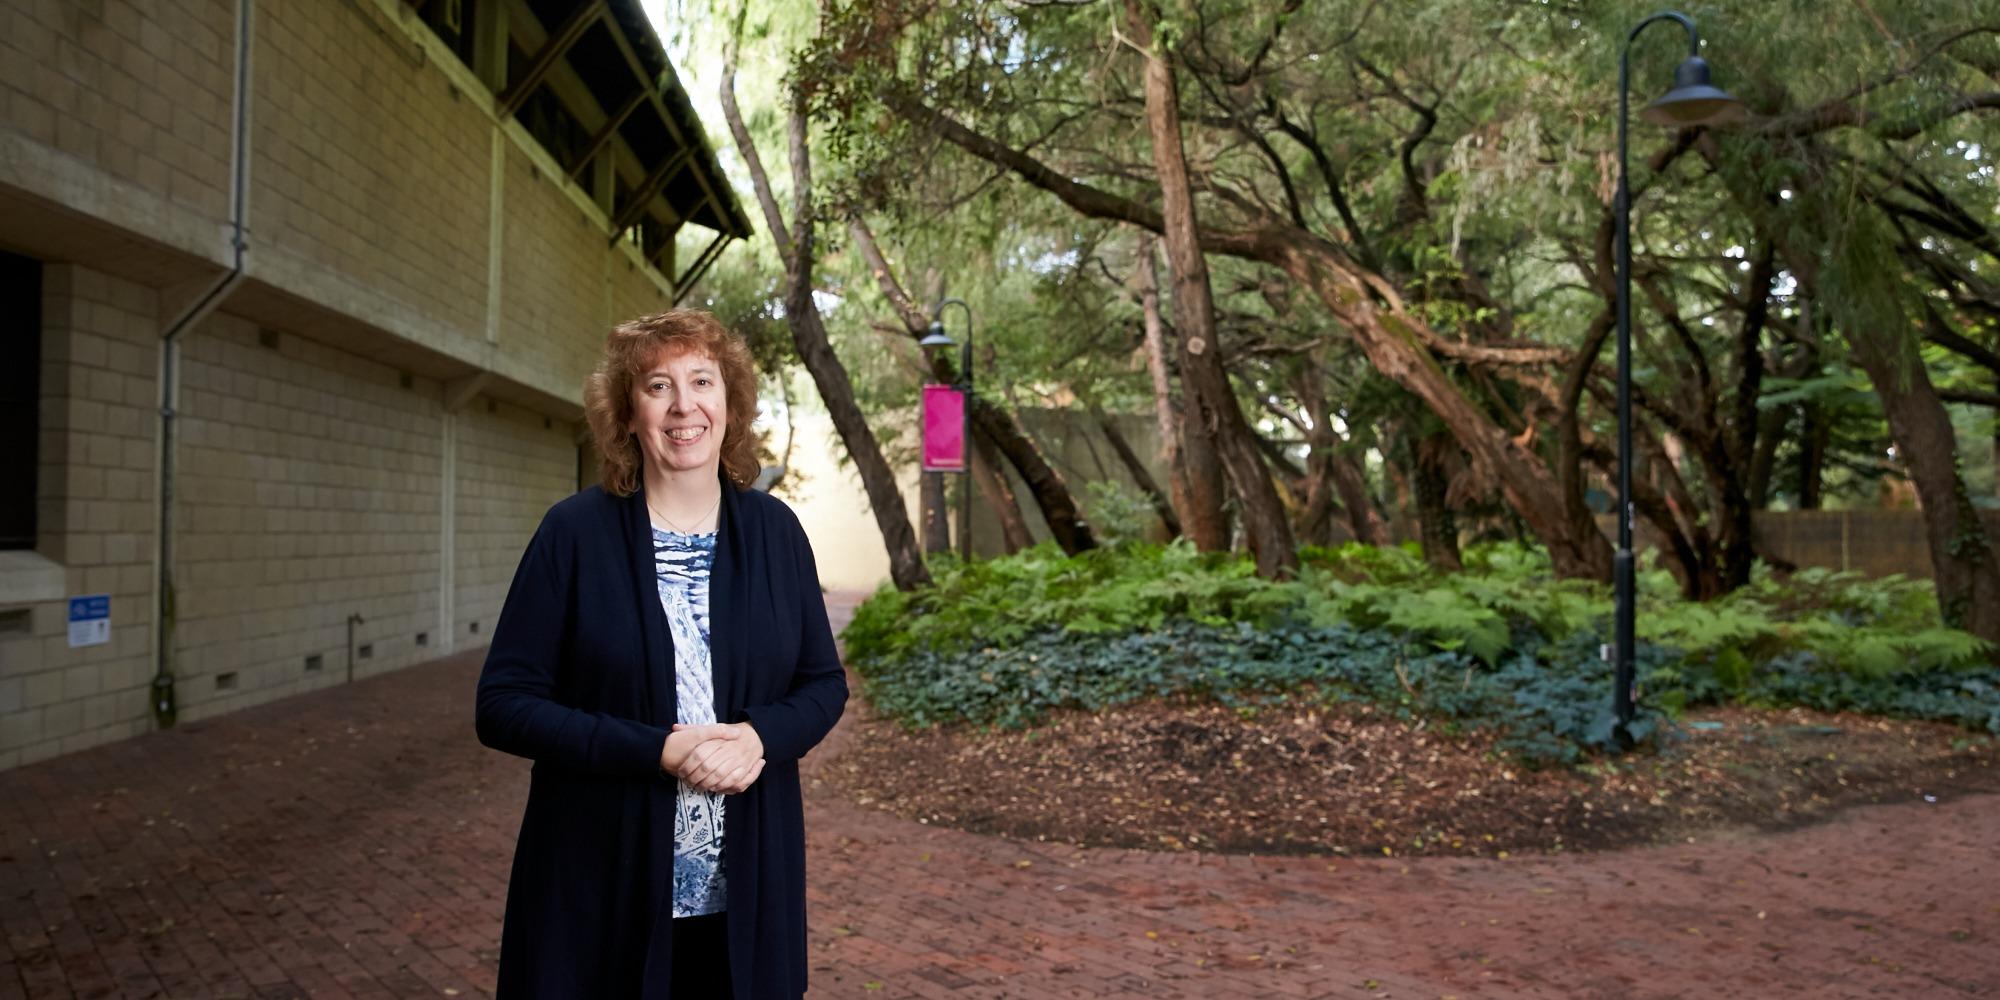 Suzanne Wijsman uwa